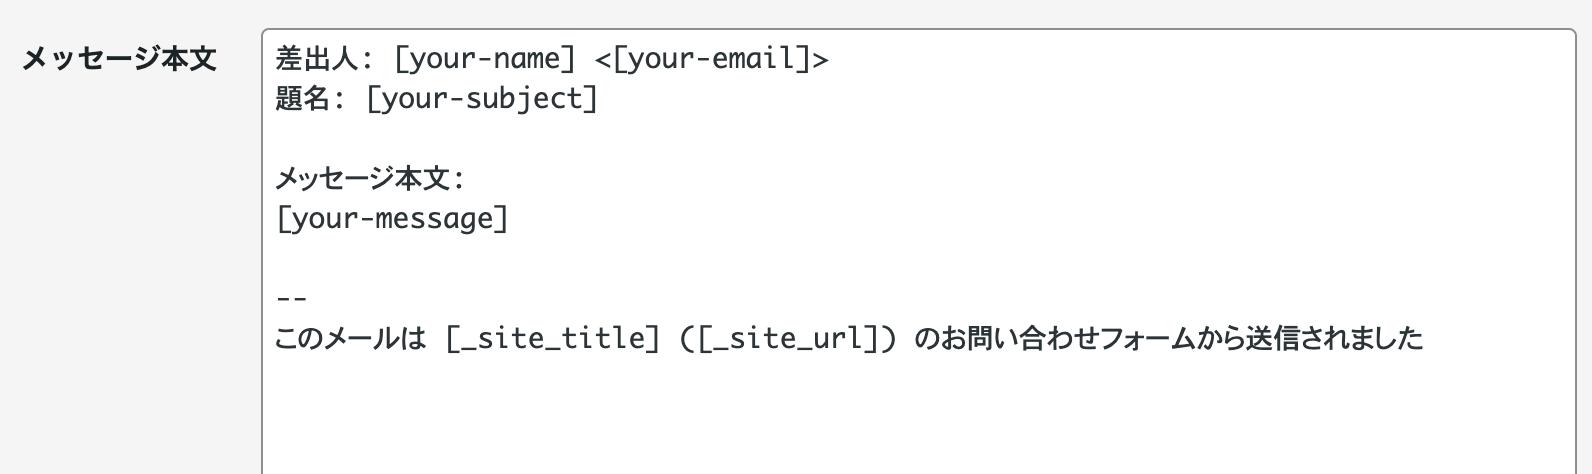 (4)メール本文設定